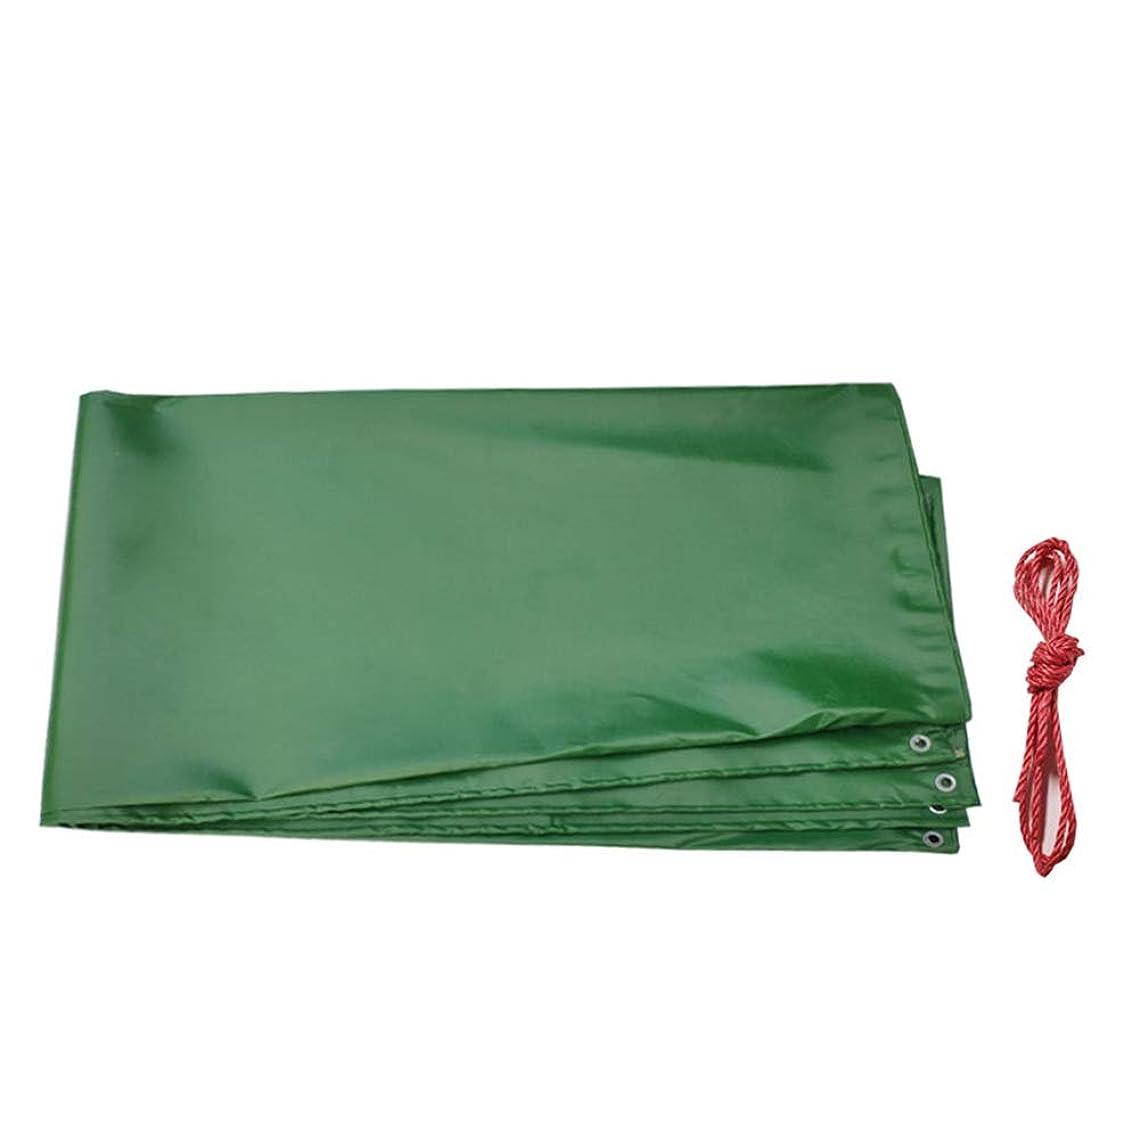 バッフル羽ウサギLIANGJUN サンシェードテント?タープ 荷台用サンシェード 防雨 絶縁 カバー 厚くする 縁 パンチング 耐摩耗性 アウトドア 庭園 工場、 緑 500g /m2 (Color : A, Size : 5.8mx7.8m)